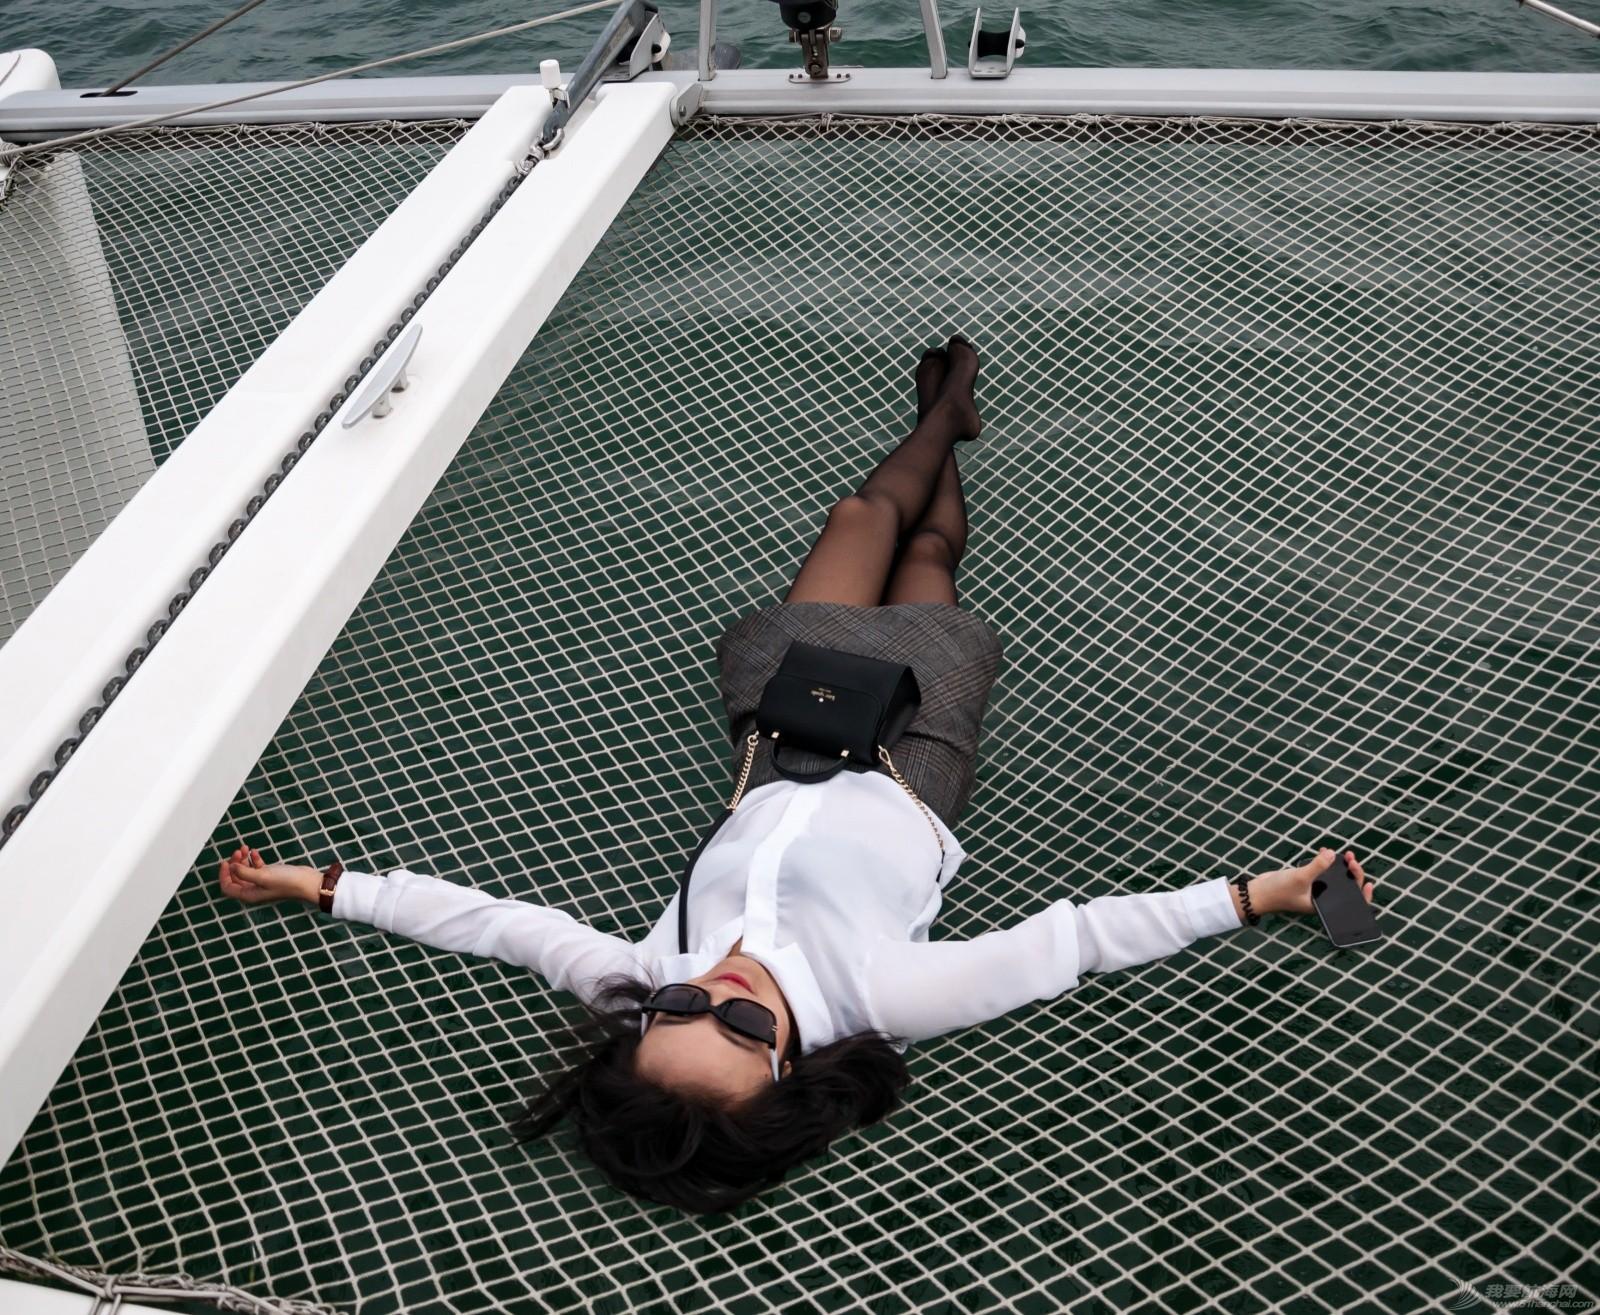 美女 【2015大鹏杯帆船赛】赛场美女 s015.jpg